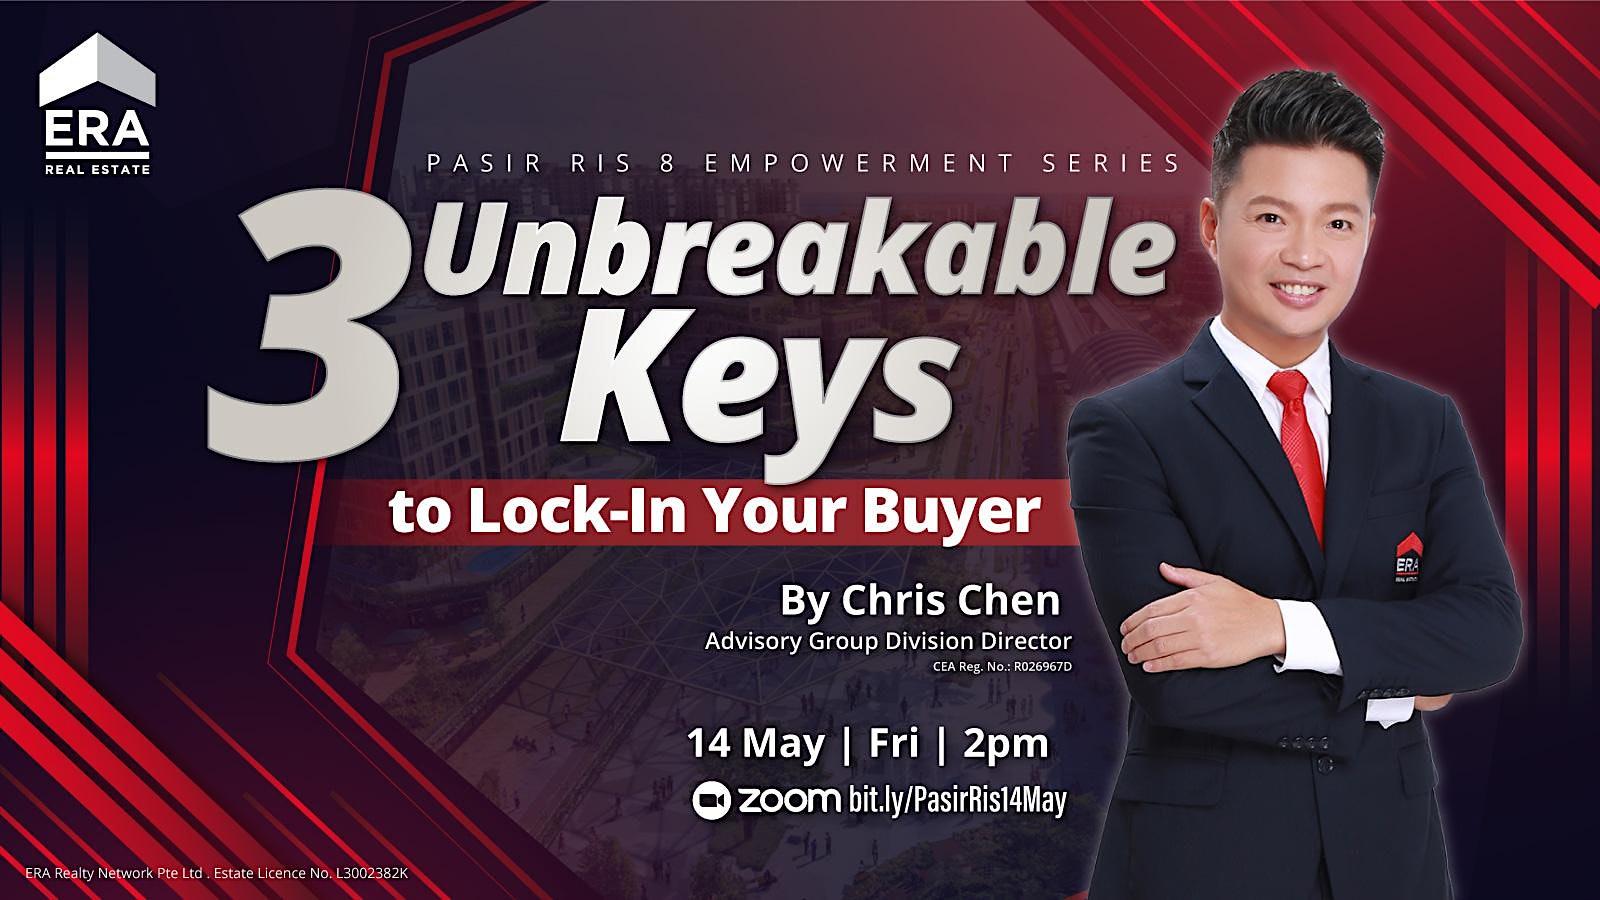 3 Unbreakable Keys to Lock-In Your Buyer